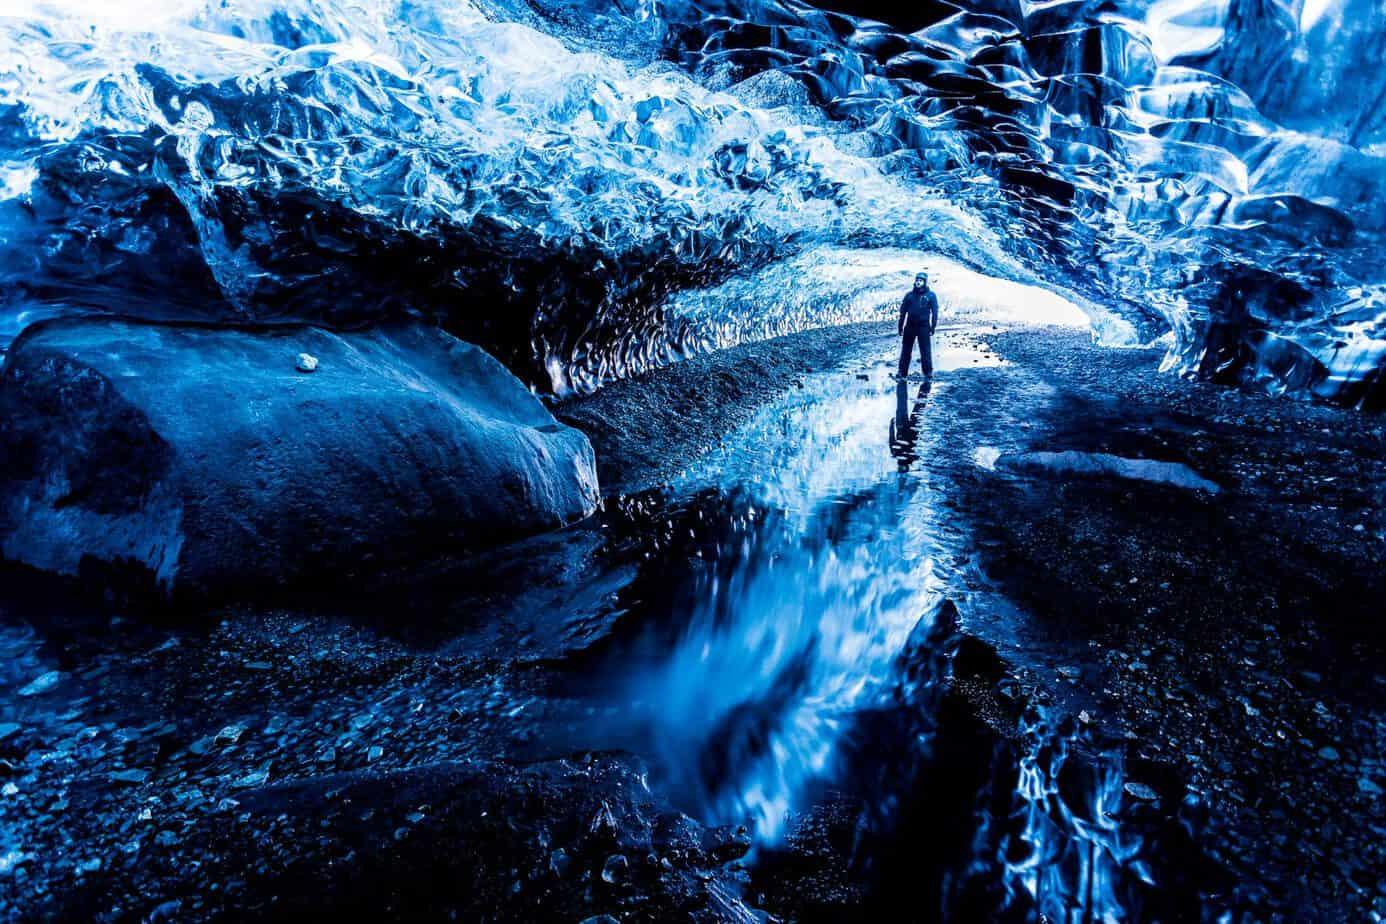 1. Platz: Eishöhle auf Island. Selfie von Jeroen Van Nieuwenhove (Afflingem, Belgien)